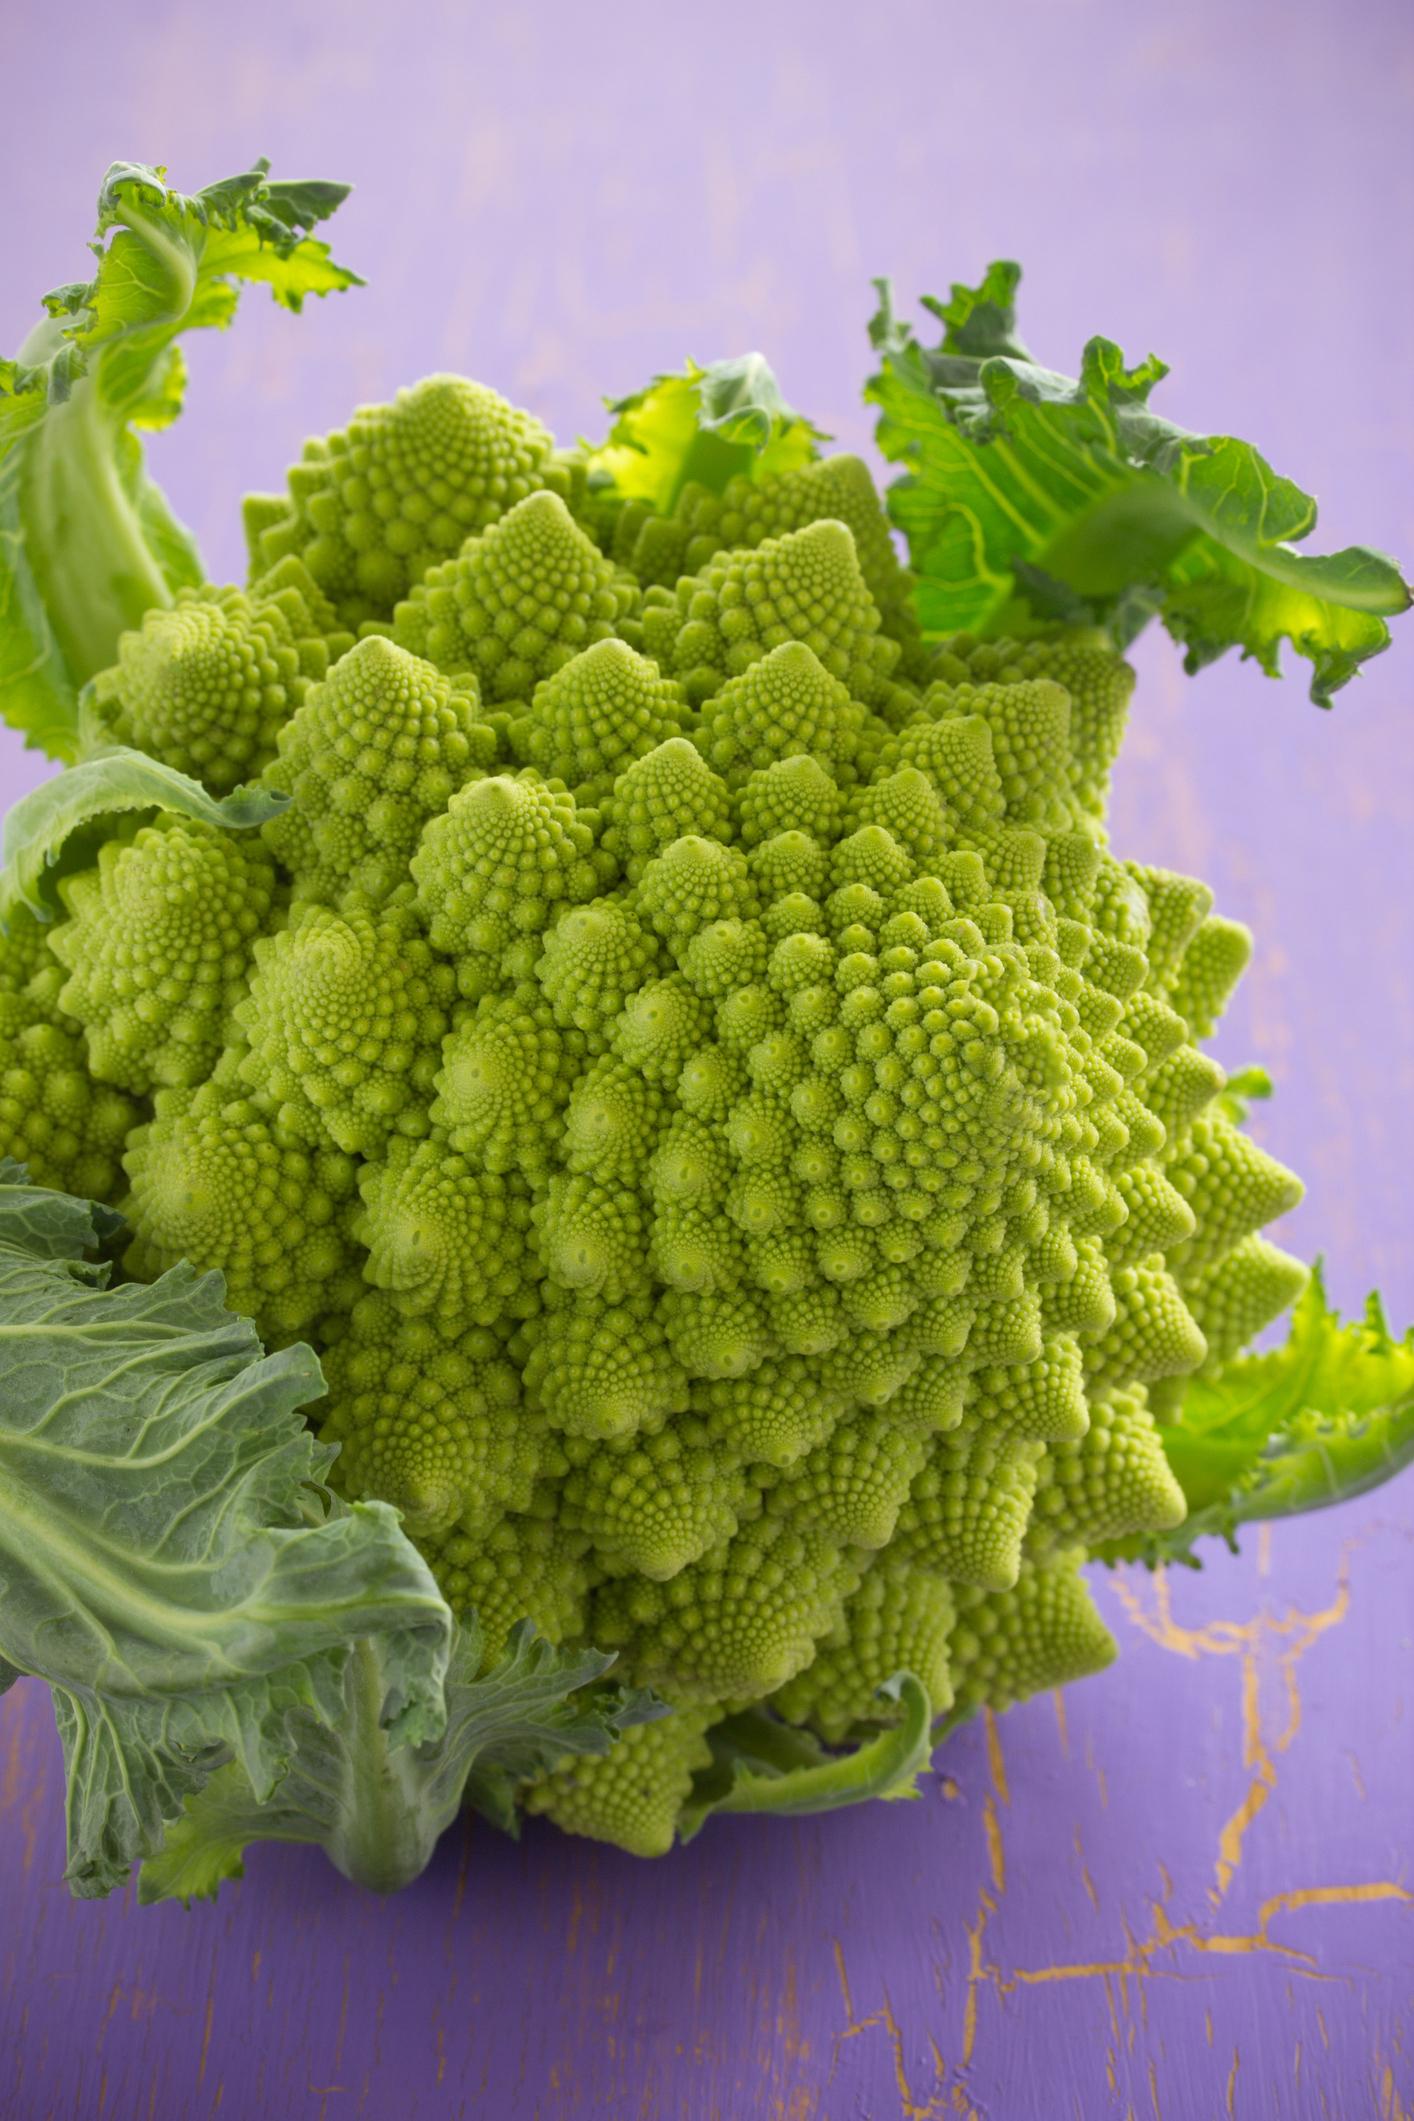 Mi a neve ennek a zöldségnek?